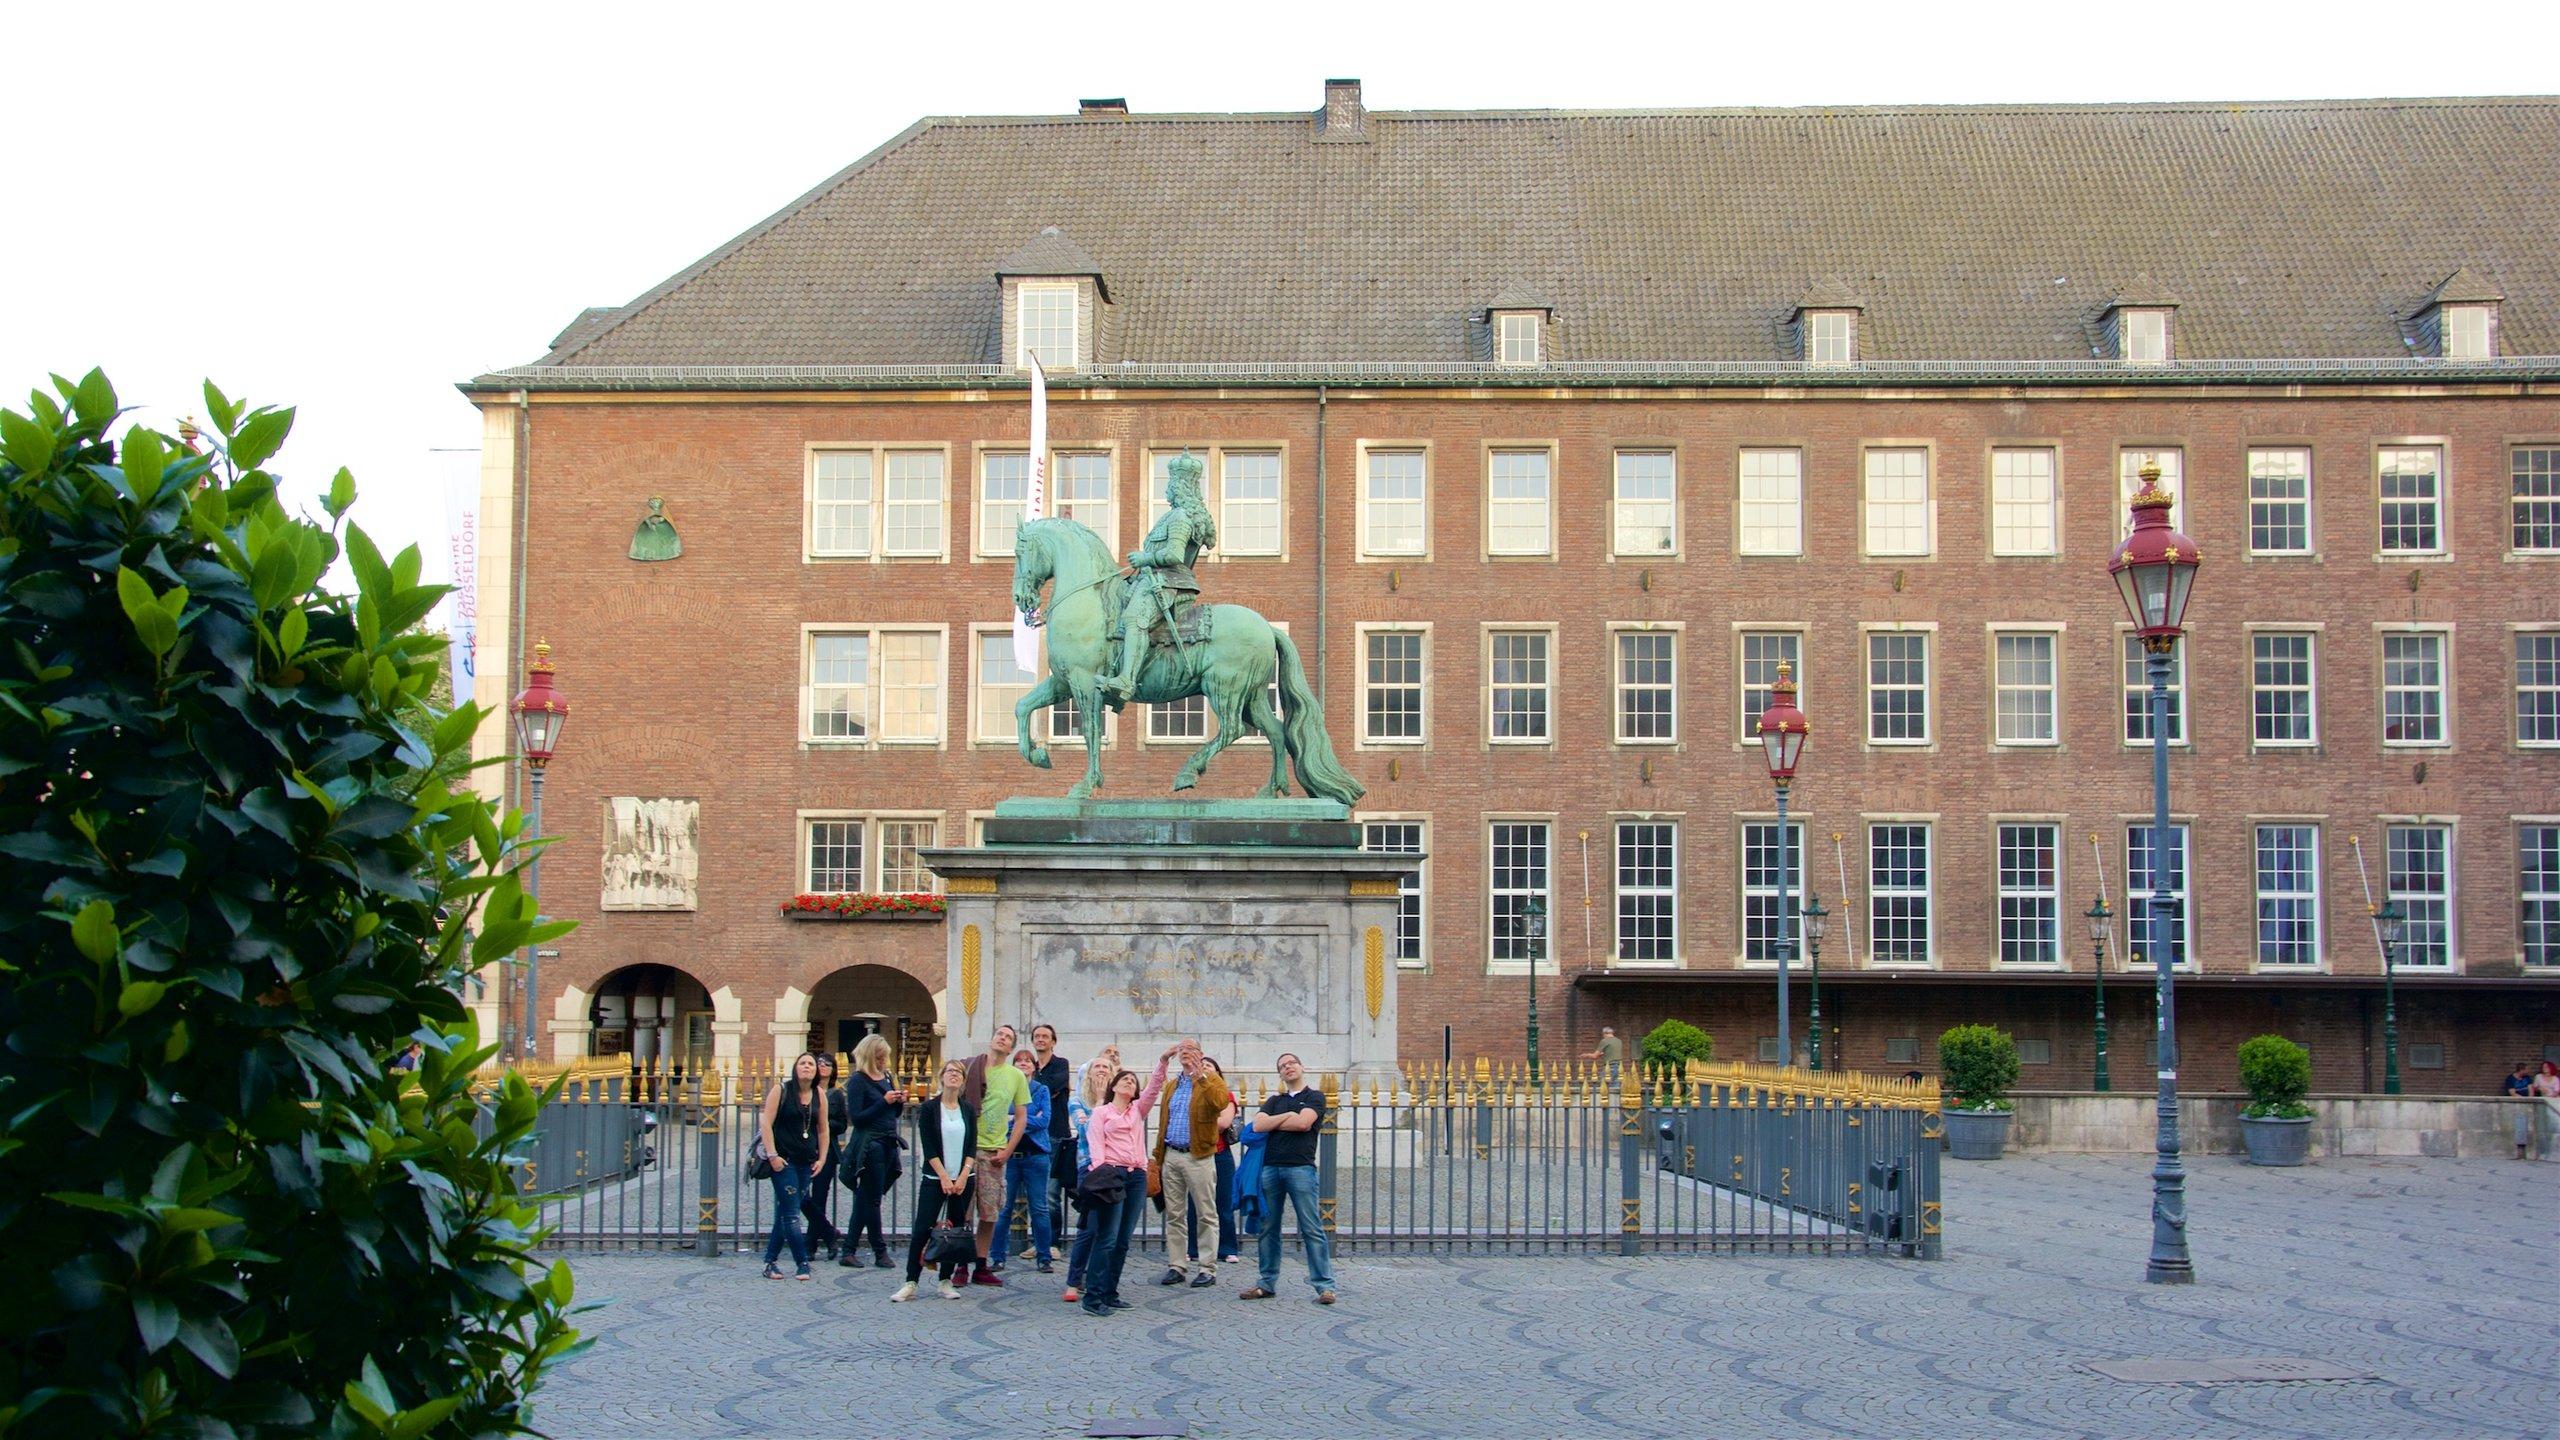 Visitez l'hôtel de ville, faites un tour au marché de Noël ou prenez part au carnaval de Düsseldorf sur cette place du centre-ville.